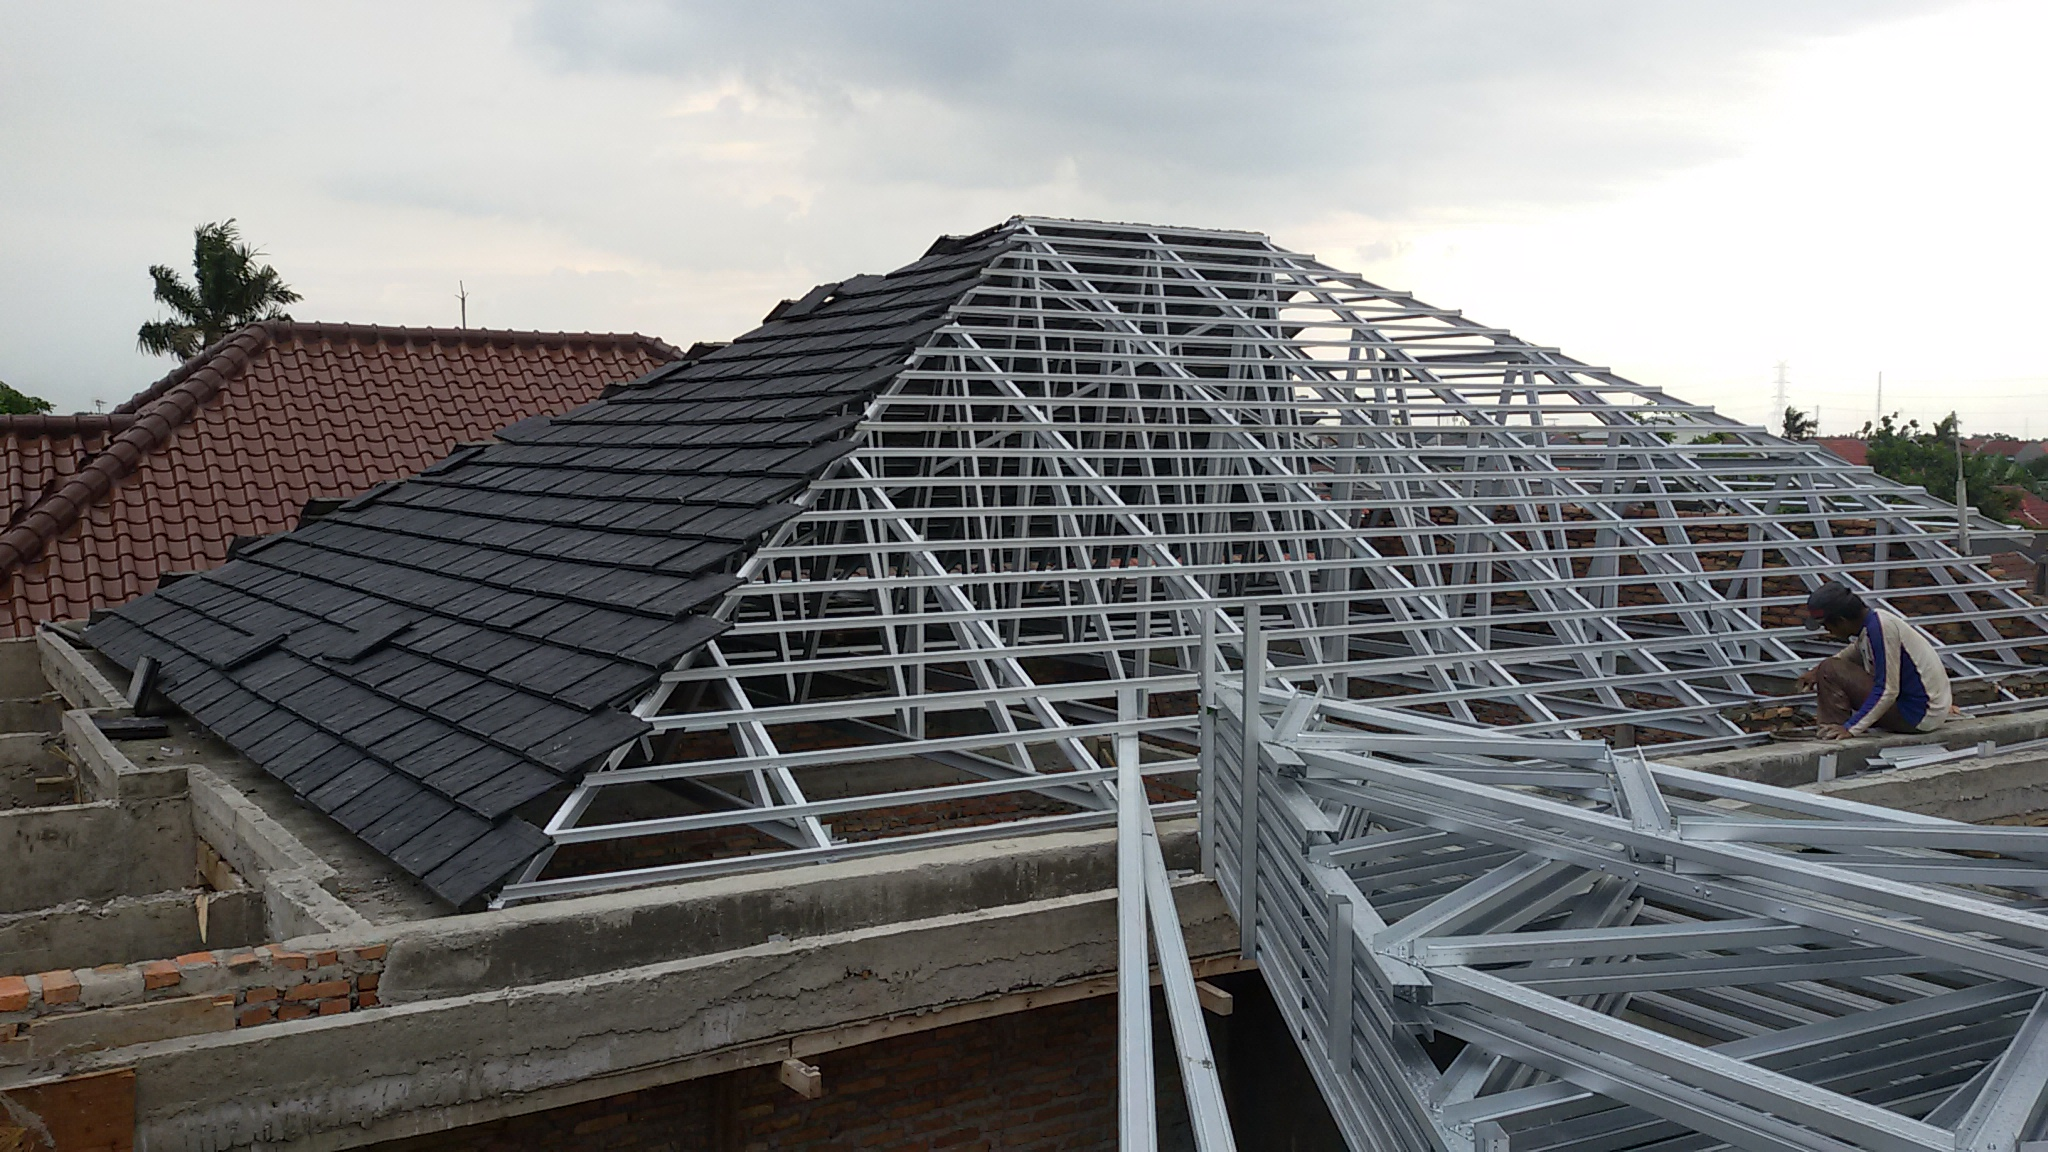 rangka atap baja ringan yang paling bagus tukangbajaringanbandung